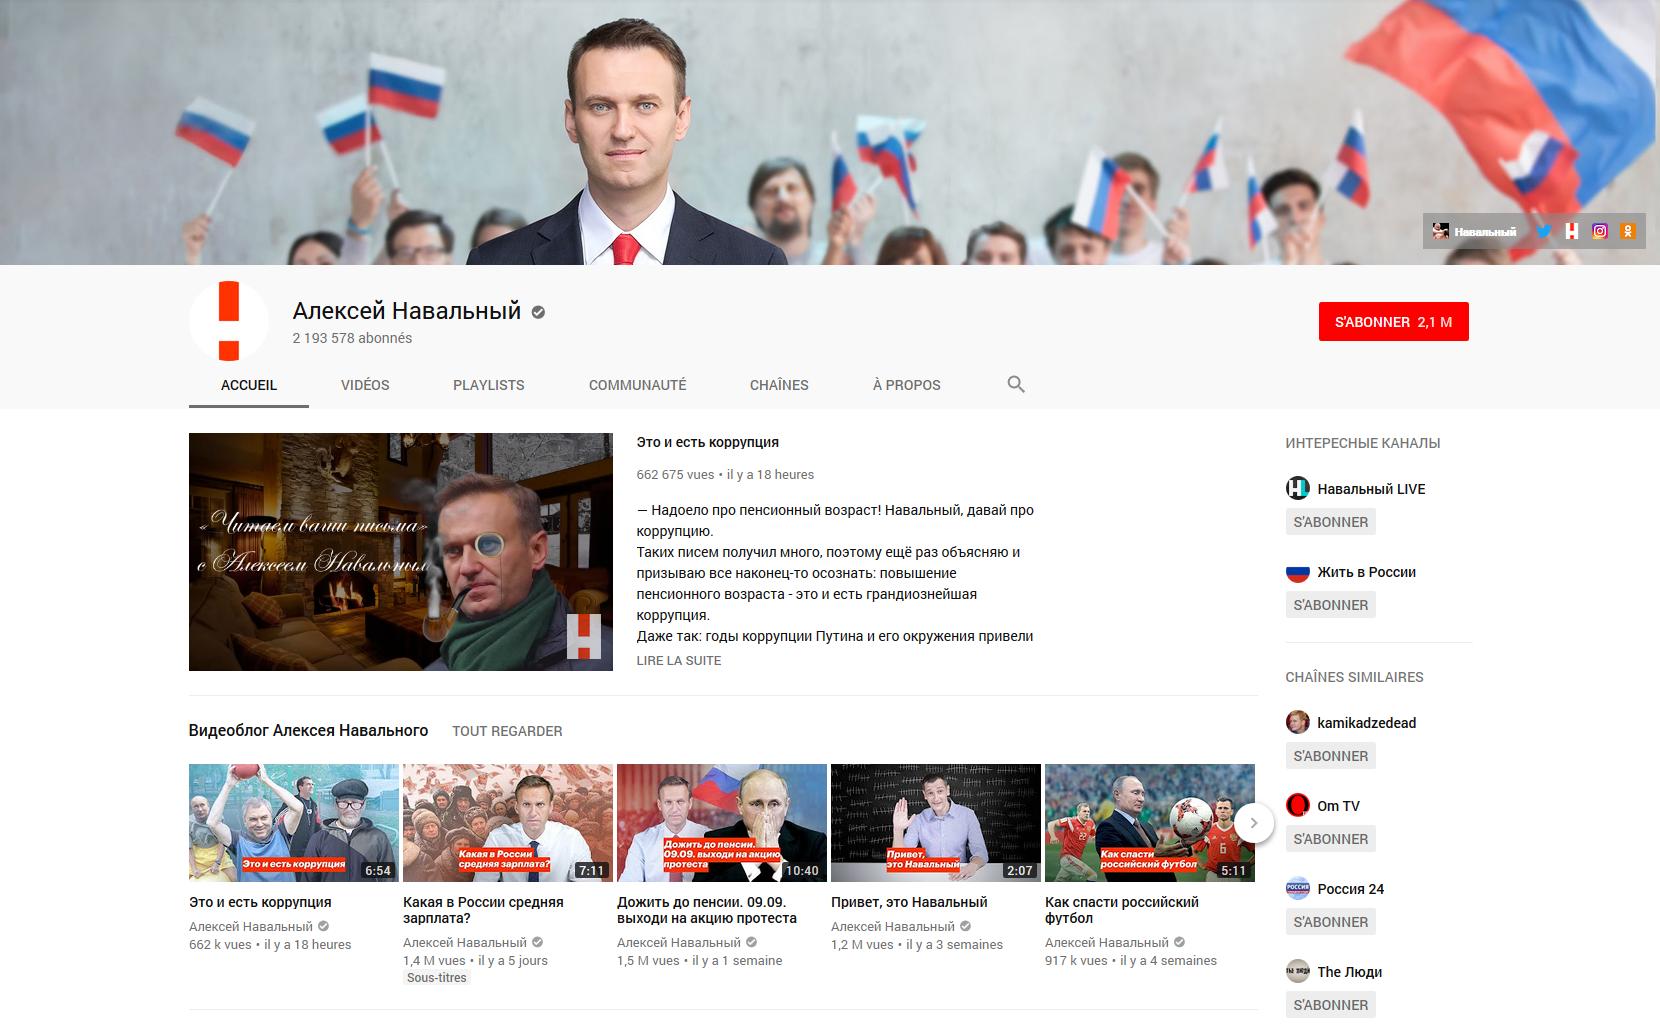 La chaîne youtube de l'opposant russe Alexeï Navalny comptabilise plus de 2 millions d'abonnés.